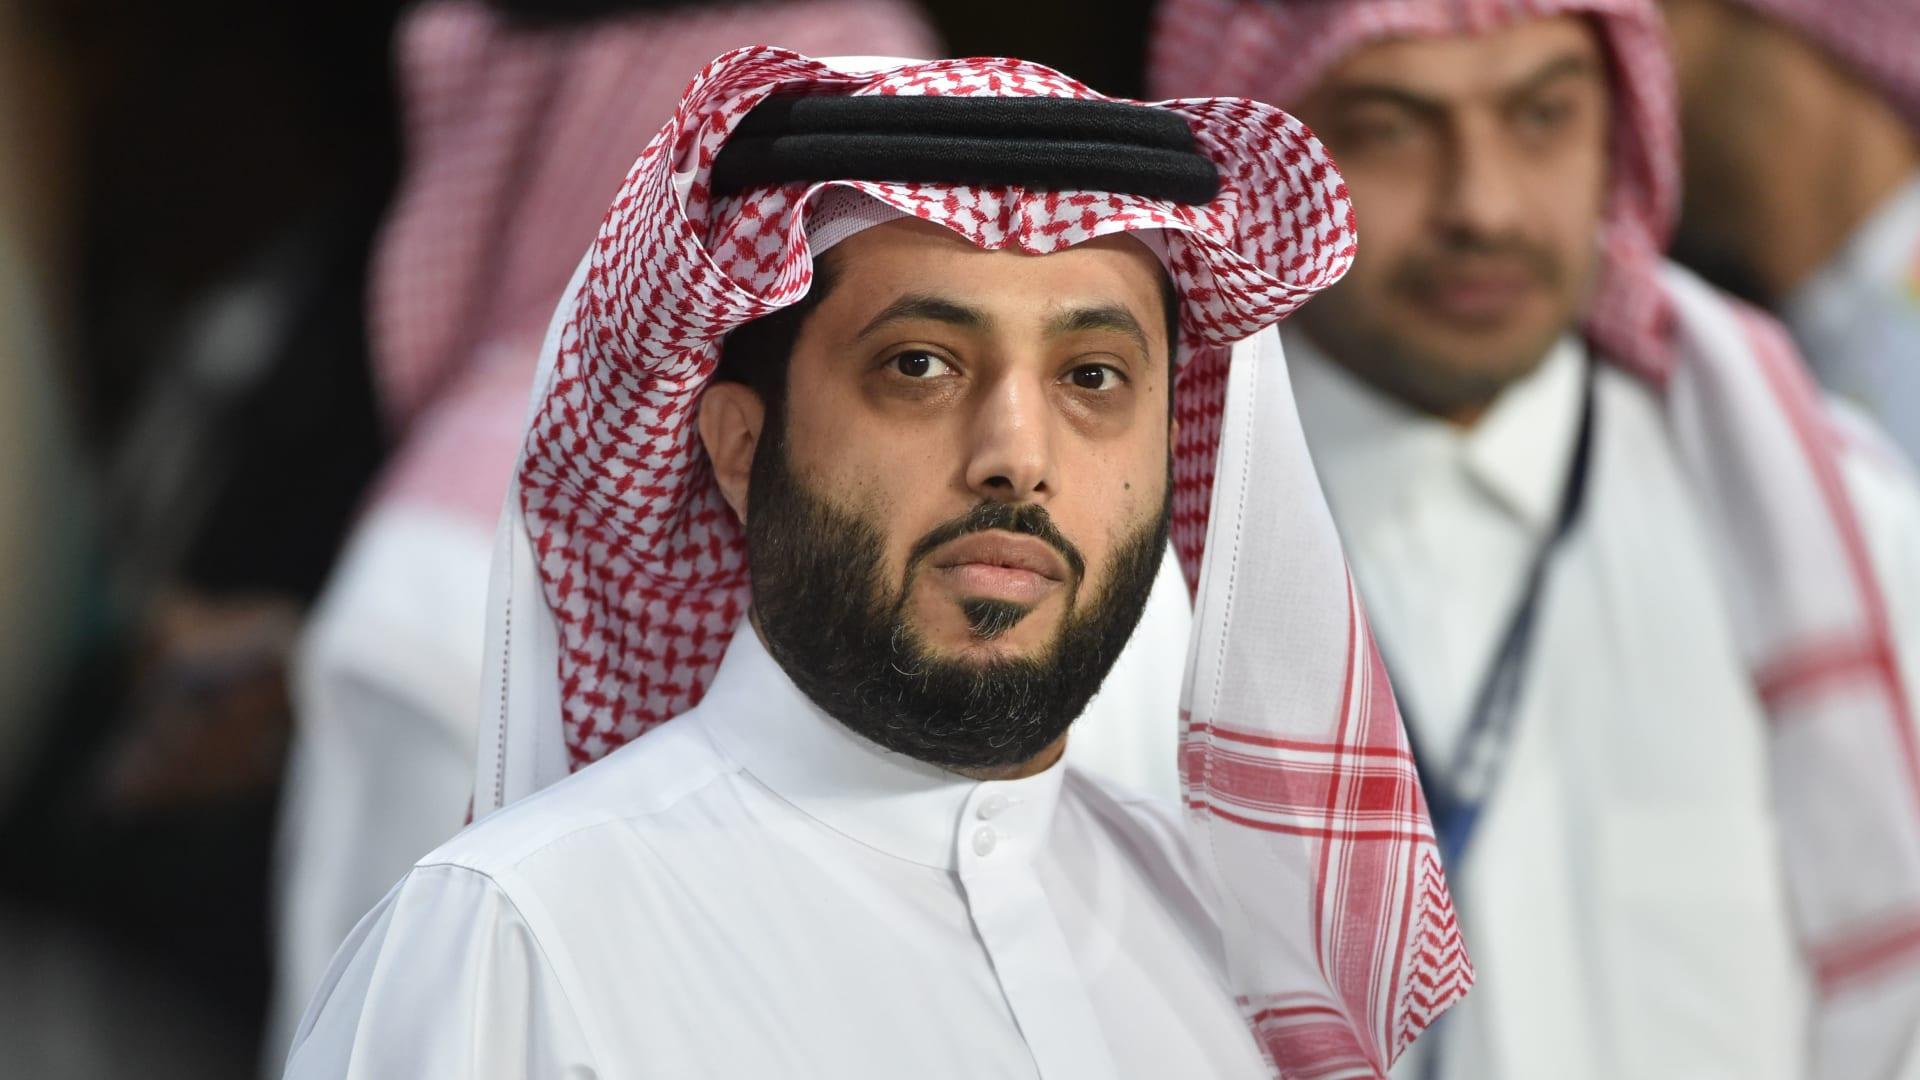 تركي آل الشيخ يشتكي عمرو دياب للسفير الصيني.. والفنان المصري يرد: بتحملني مسؤولية